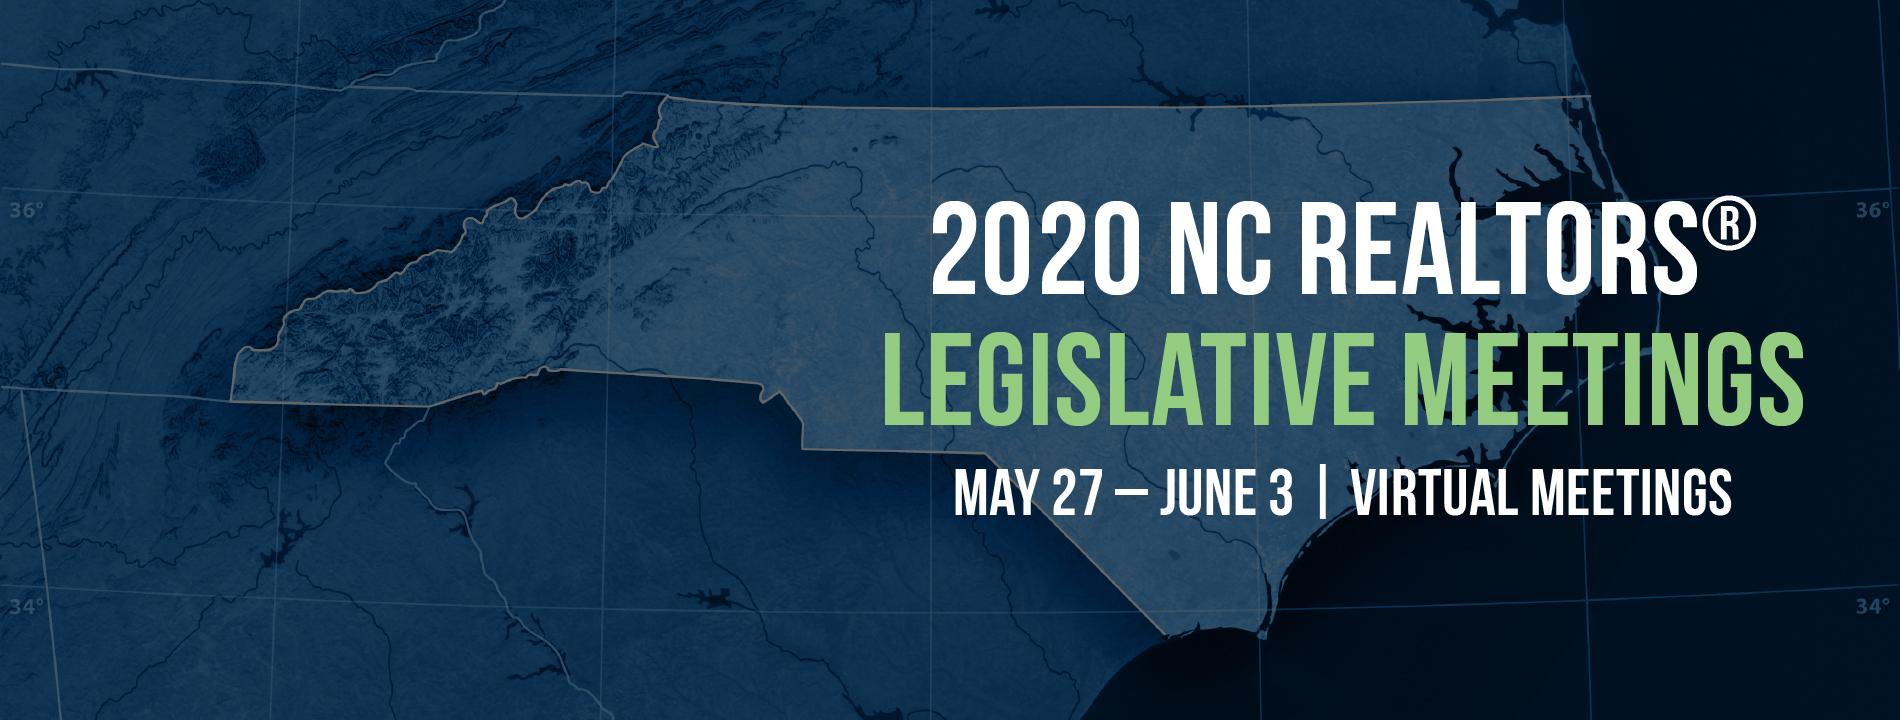 2020 Legislative Meetings Virtual Website Slider